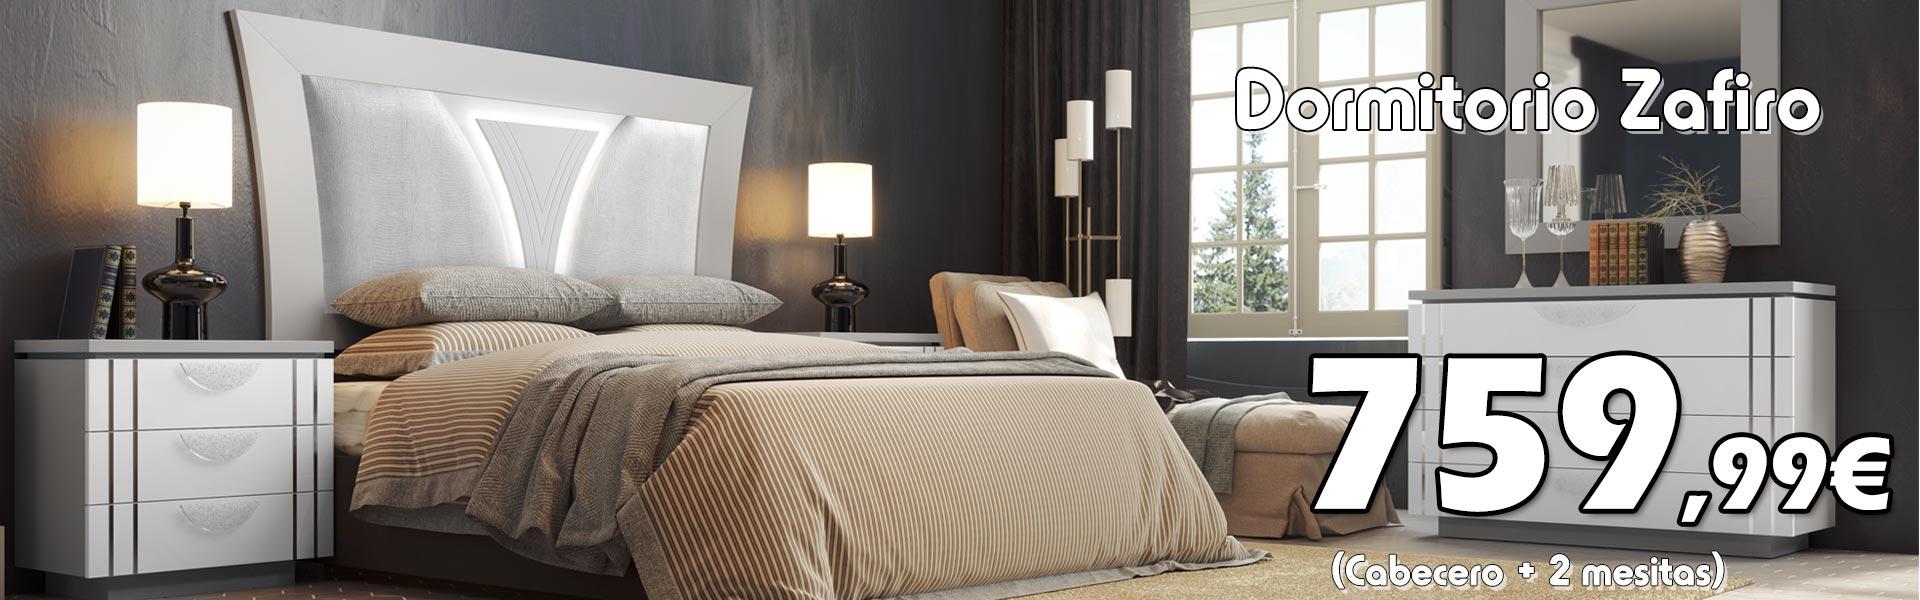 Dormitorio matrimonio zafiro1